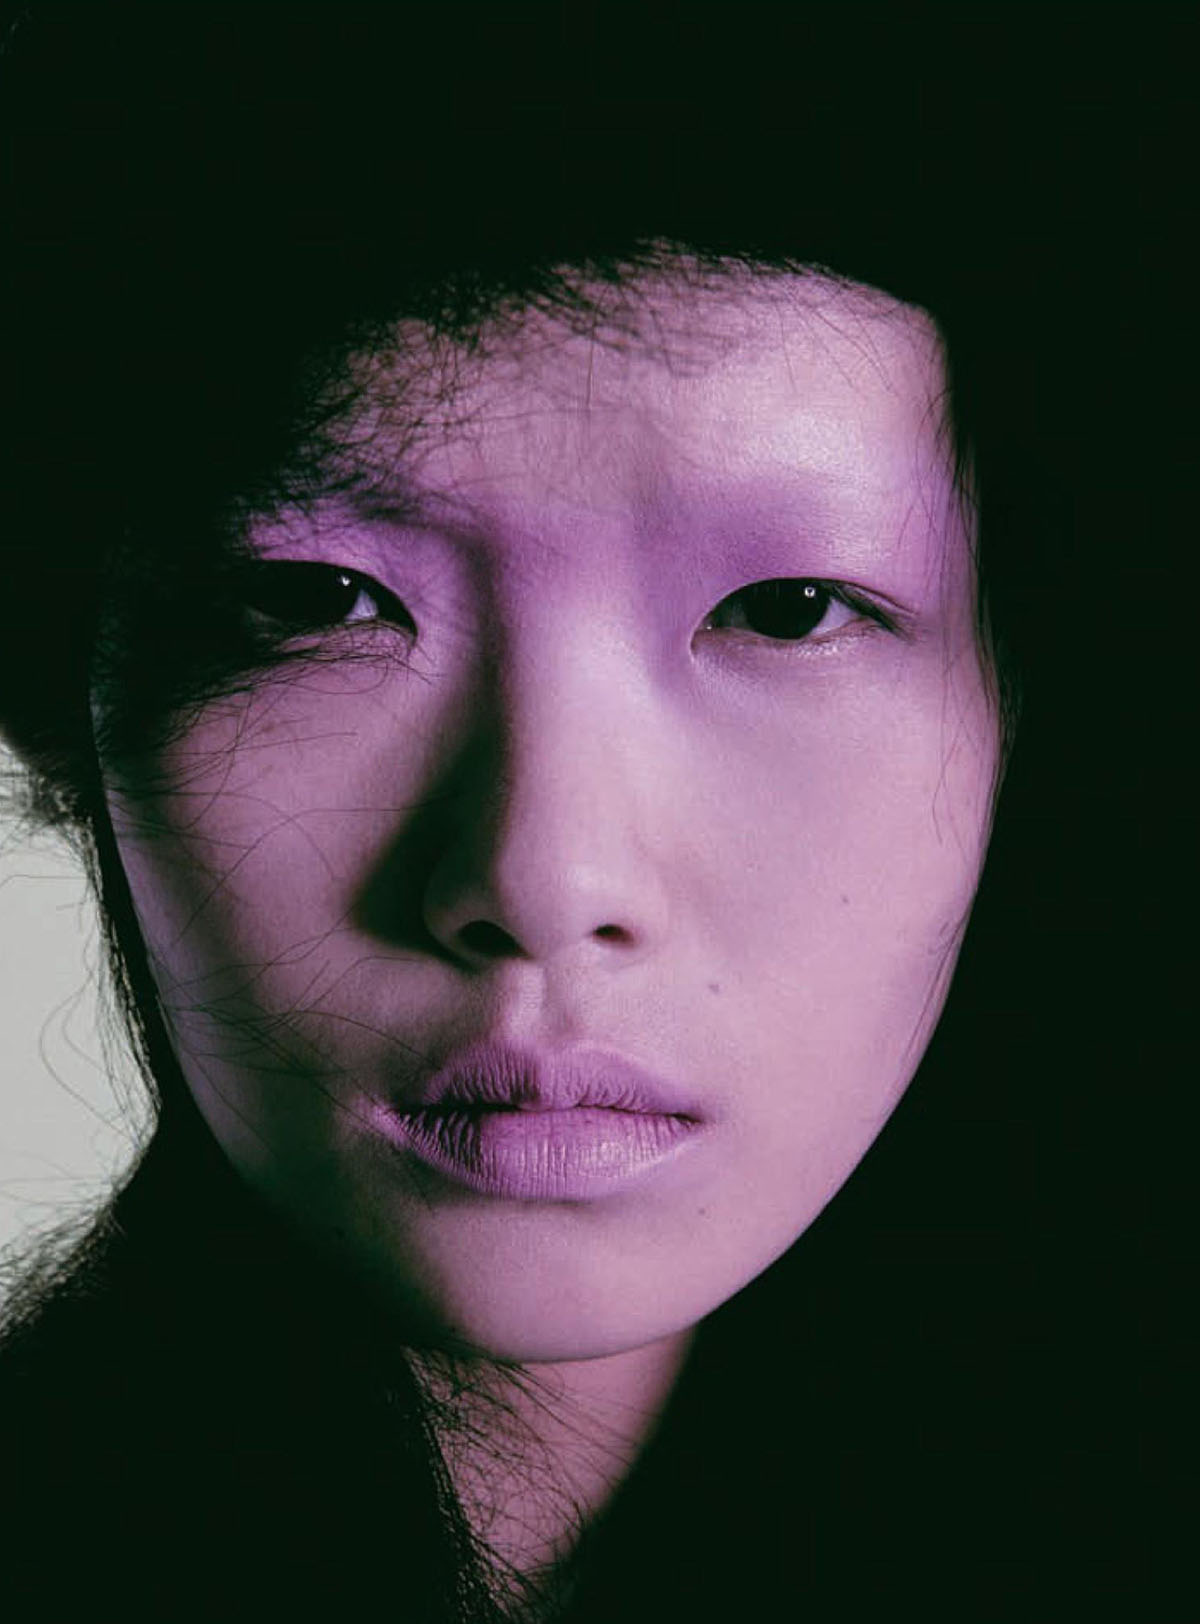 Xie Chaoyu by Ziqian Wang for Vogue China March 2021